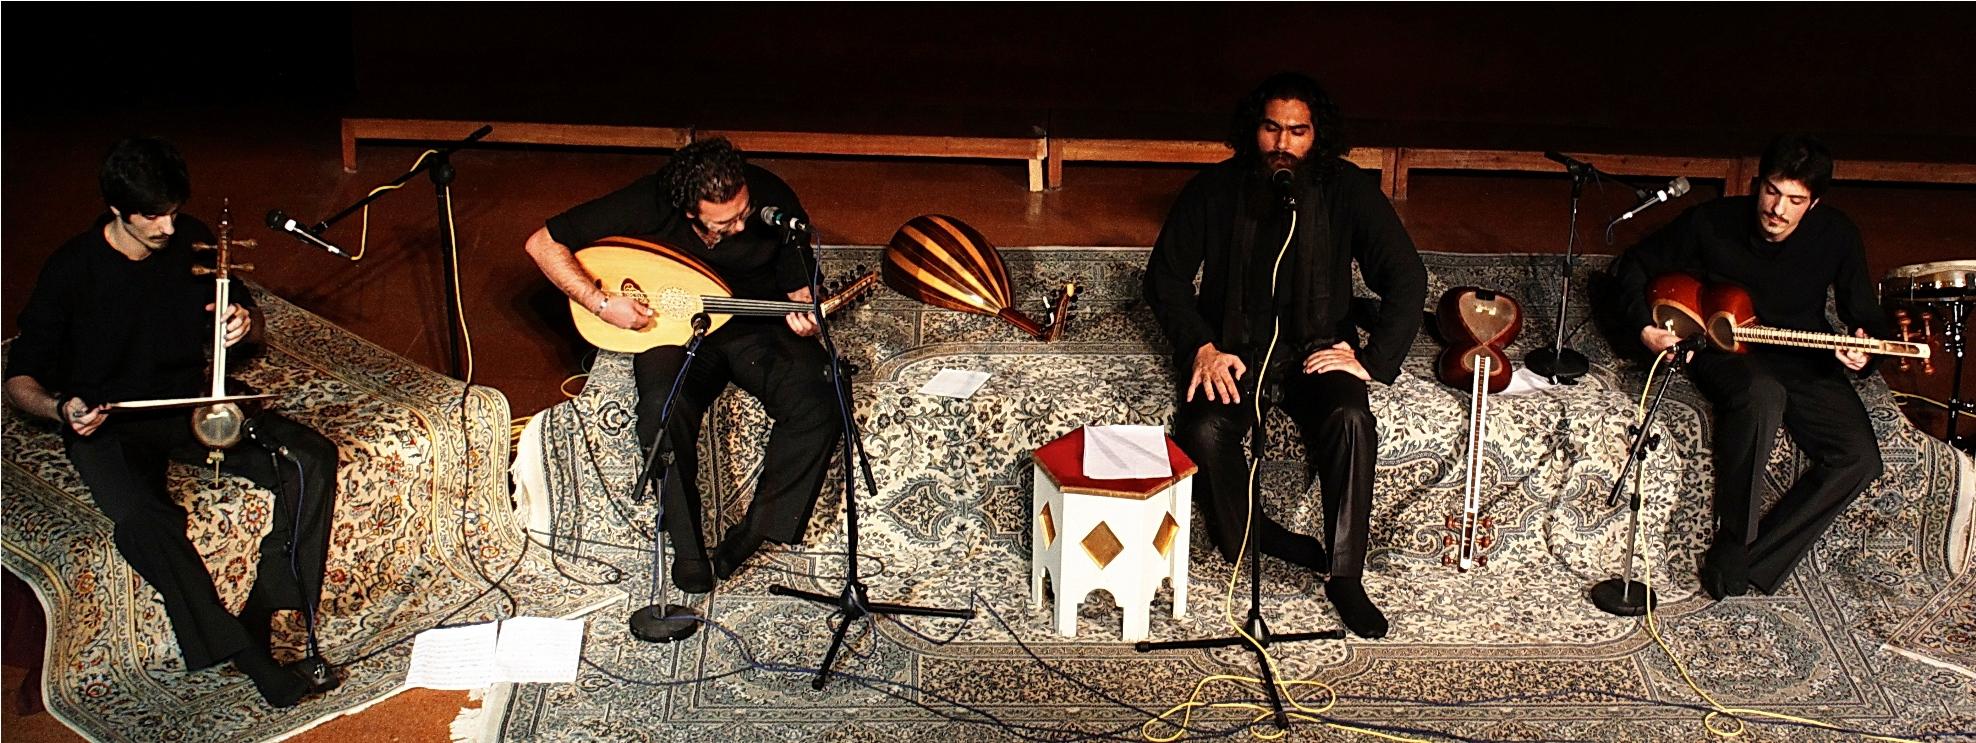 کنسرت «ناردونه» به خوانندگی زندوکیلی برگزار می شود